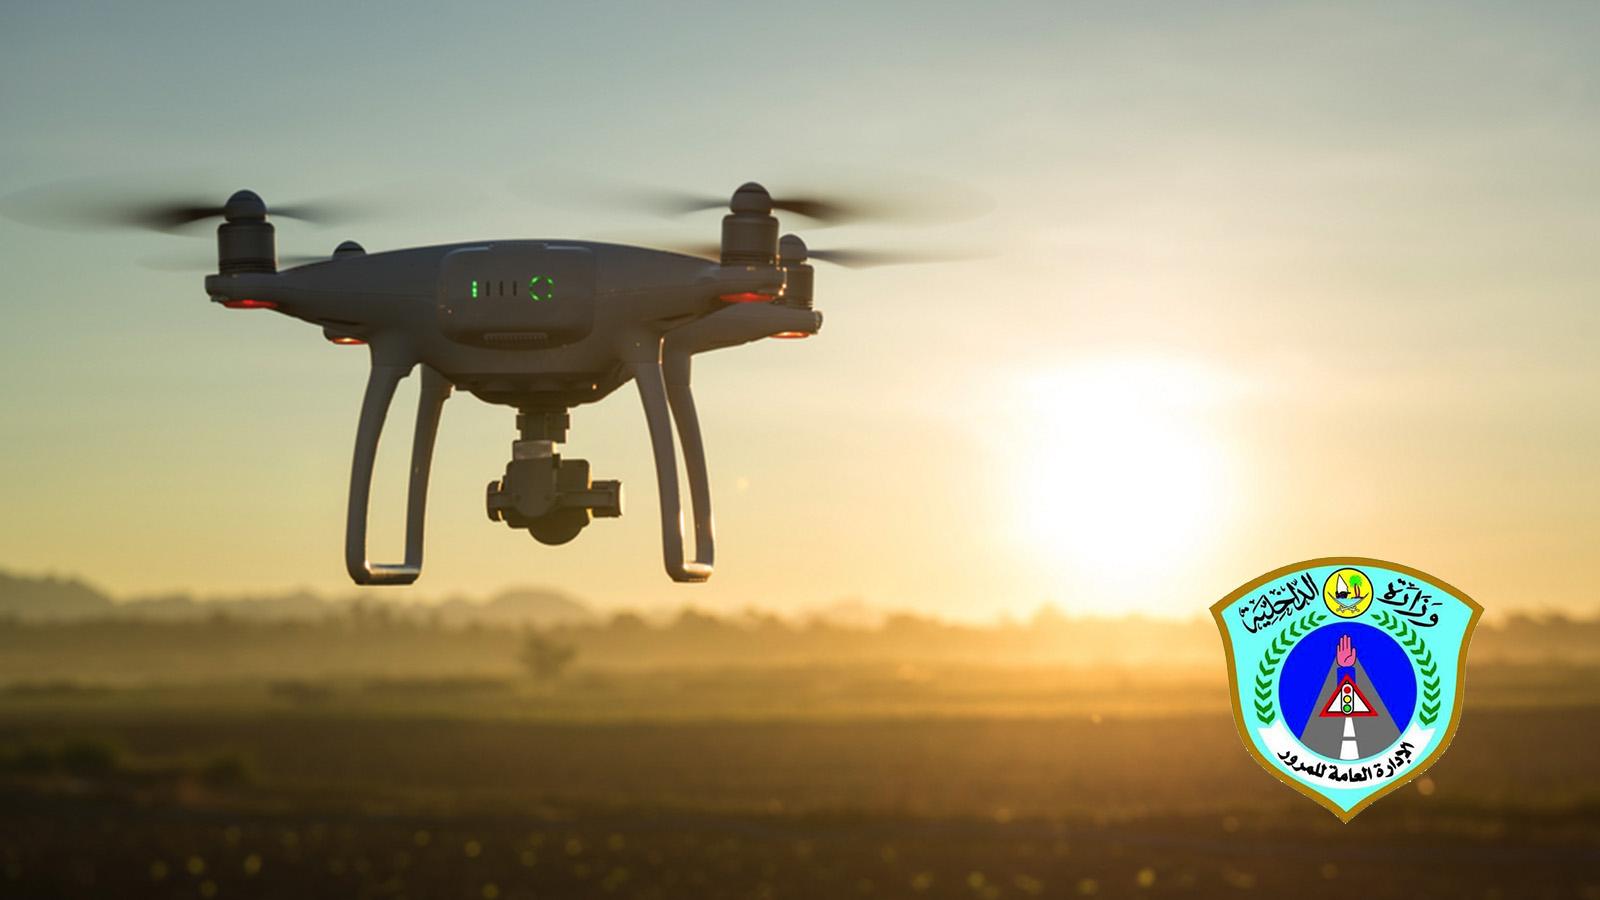 استخدام طائرة بدون طيار لمراقبة حركة المرور في قطر، ماذا بعد؟!